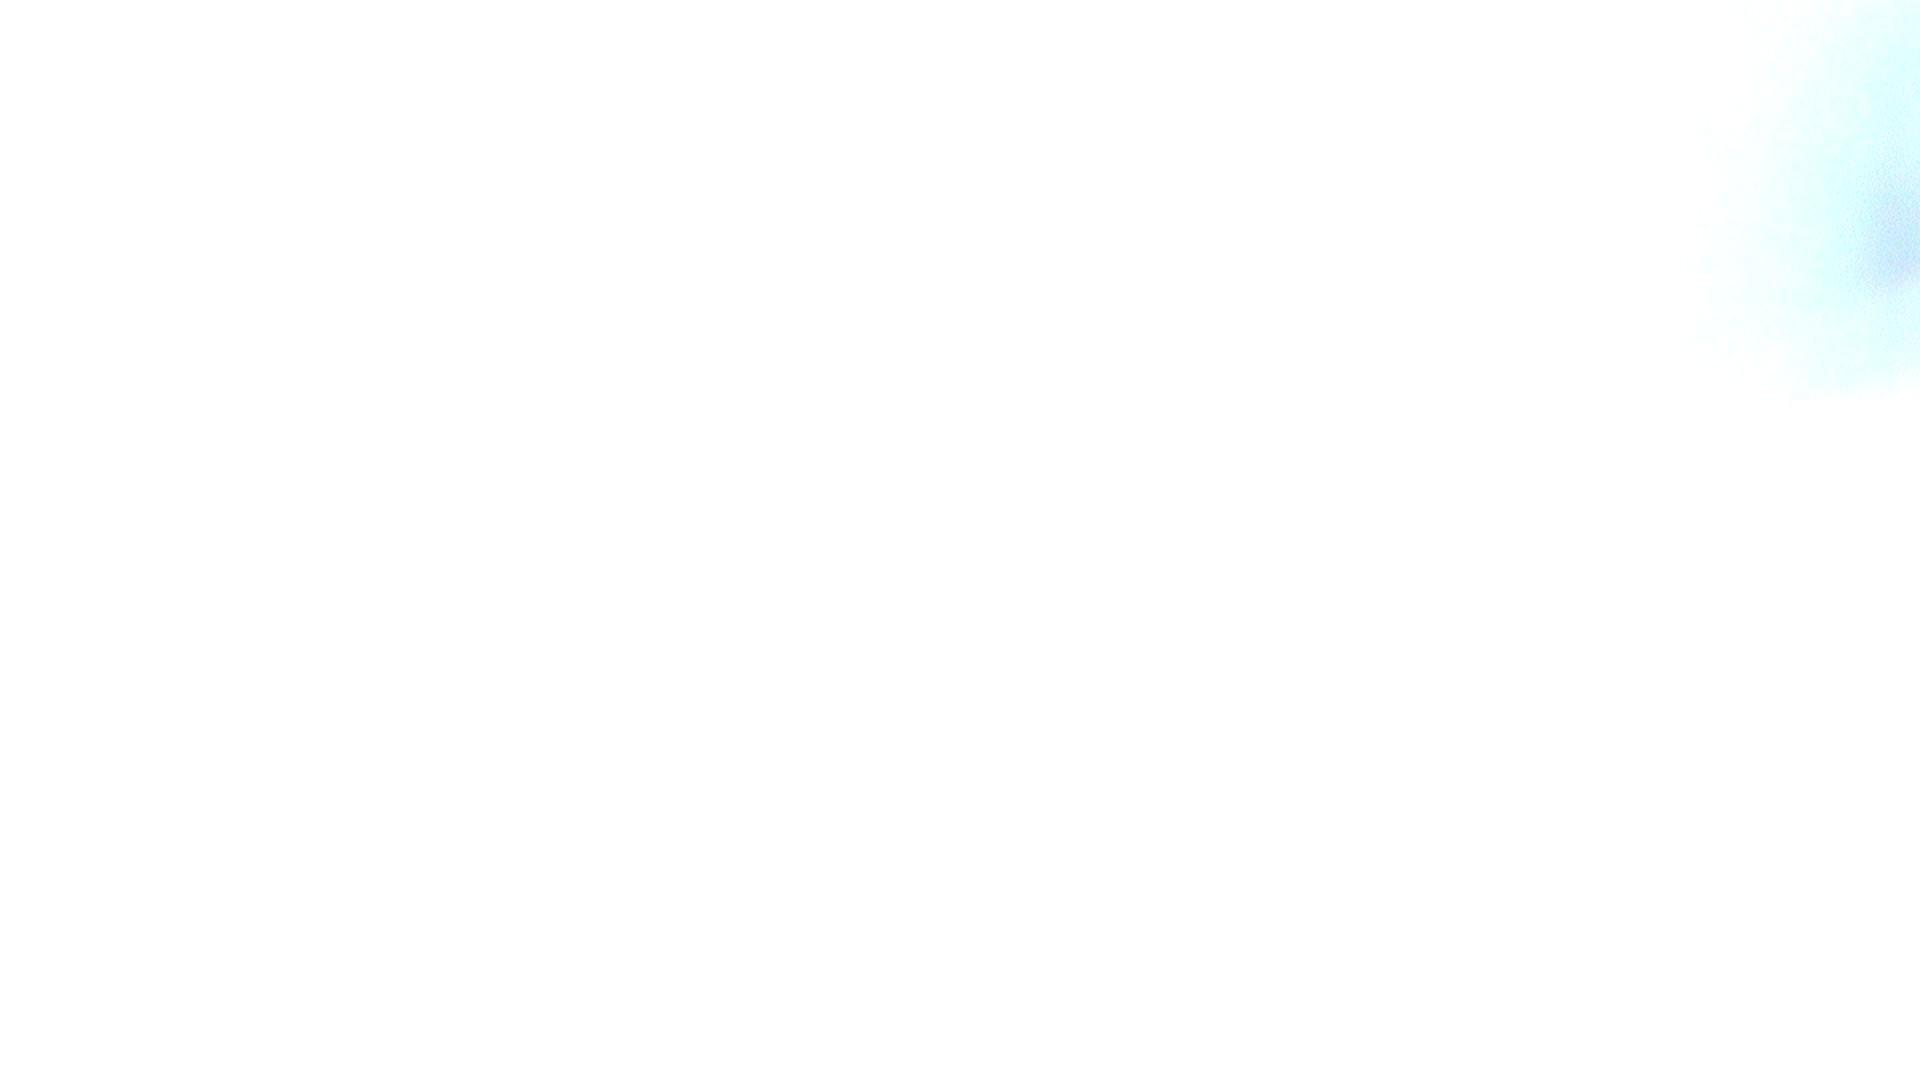 ※100個限定販売 至高下半身盗撮 プレミアム Vol.36 ハイビジョン 盗撮  105pic 16